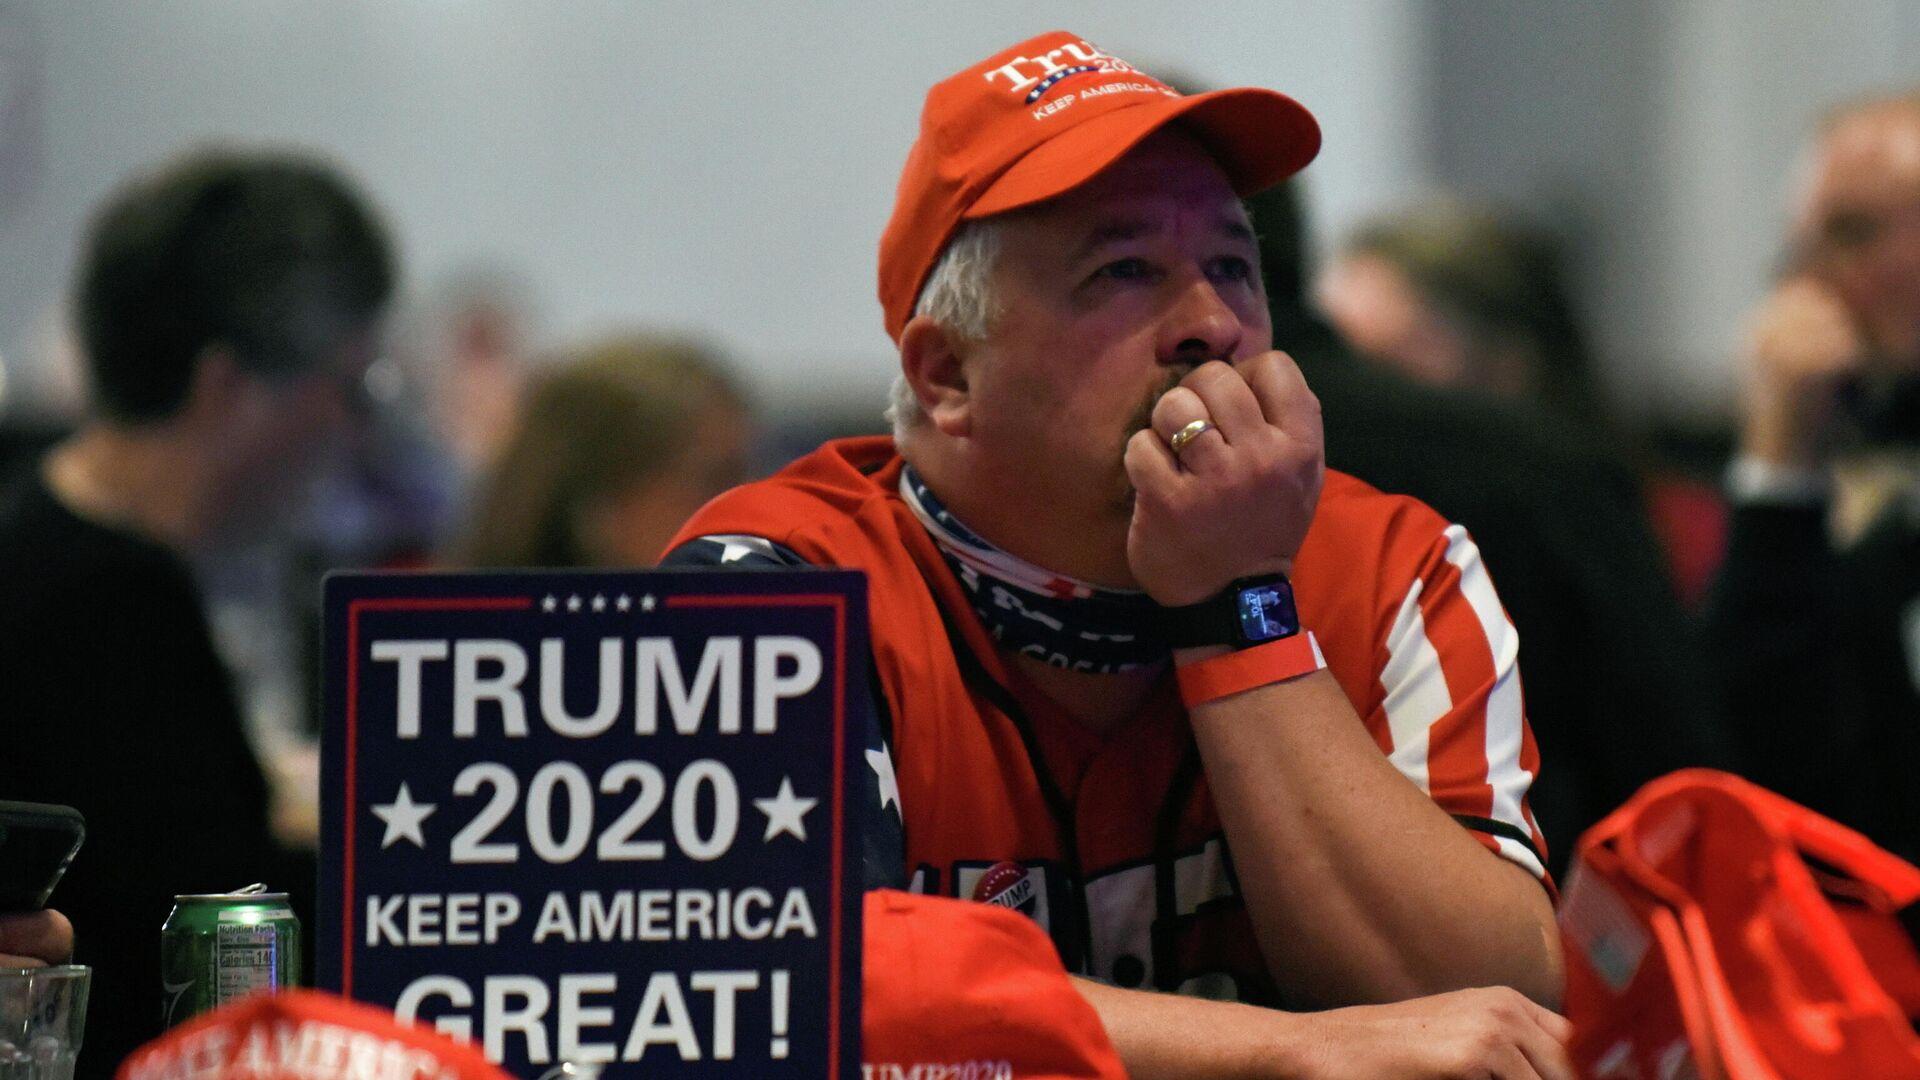 Сторонник президента США Дональда Трампа наблюдает за ходом выборов в США - РИА Новости, 1920, 01.12.2020